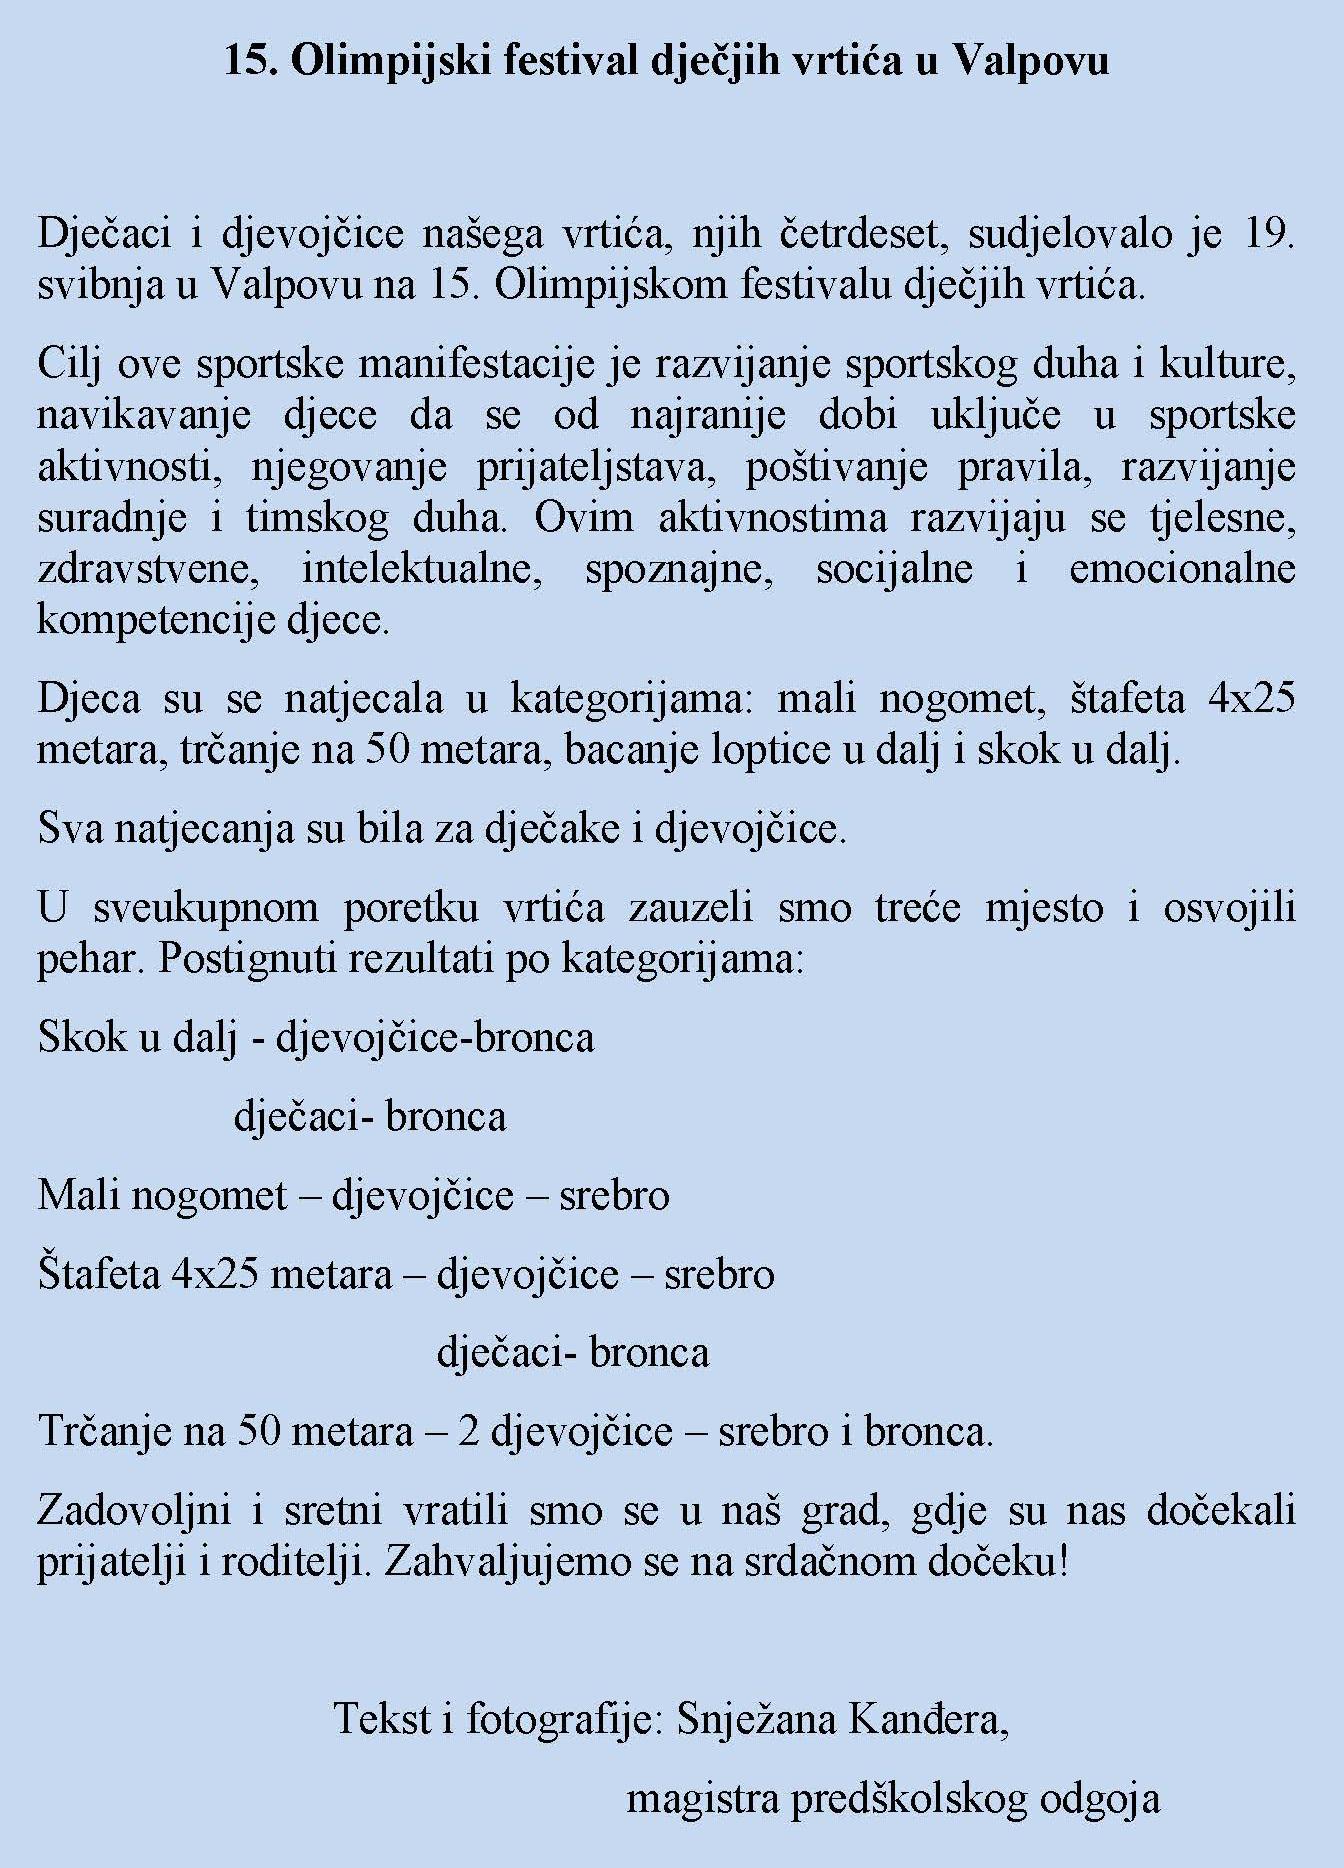 OlimpijskiValpovo